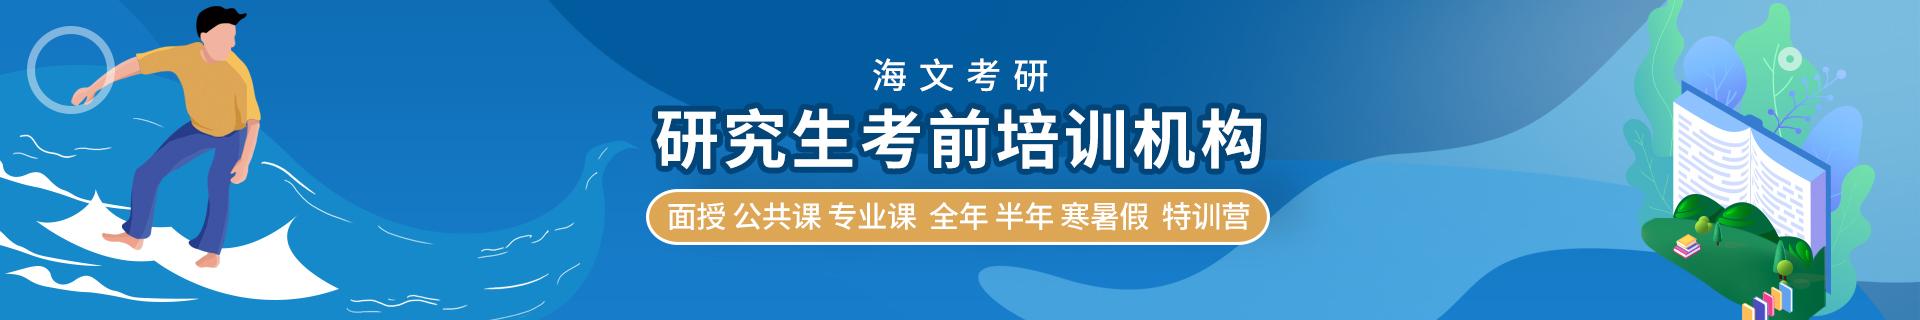 宁波海文考研培训